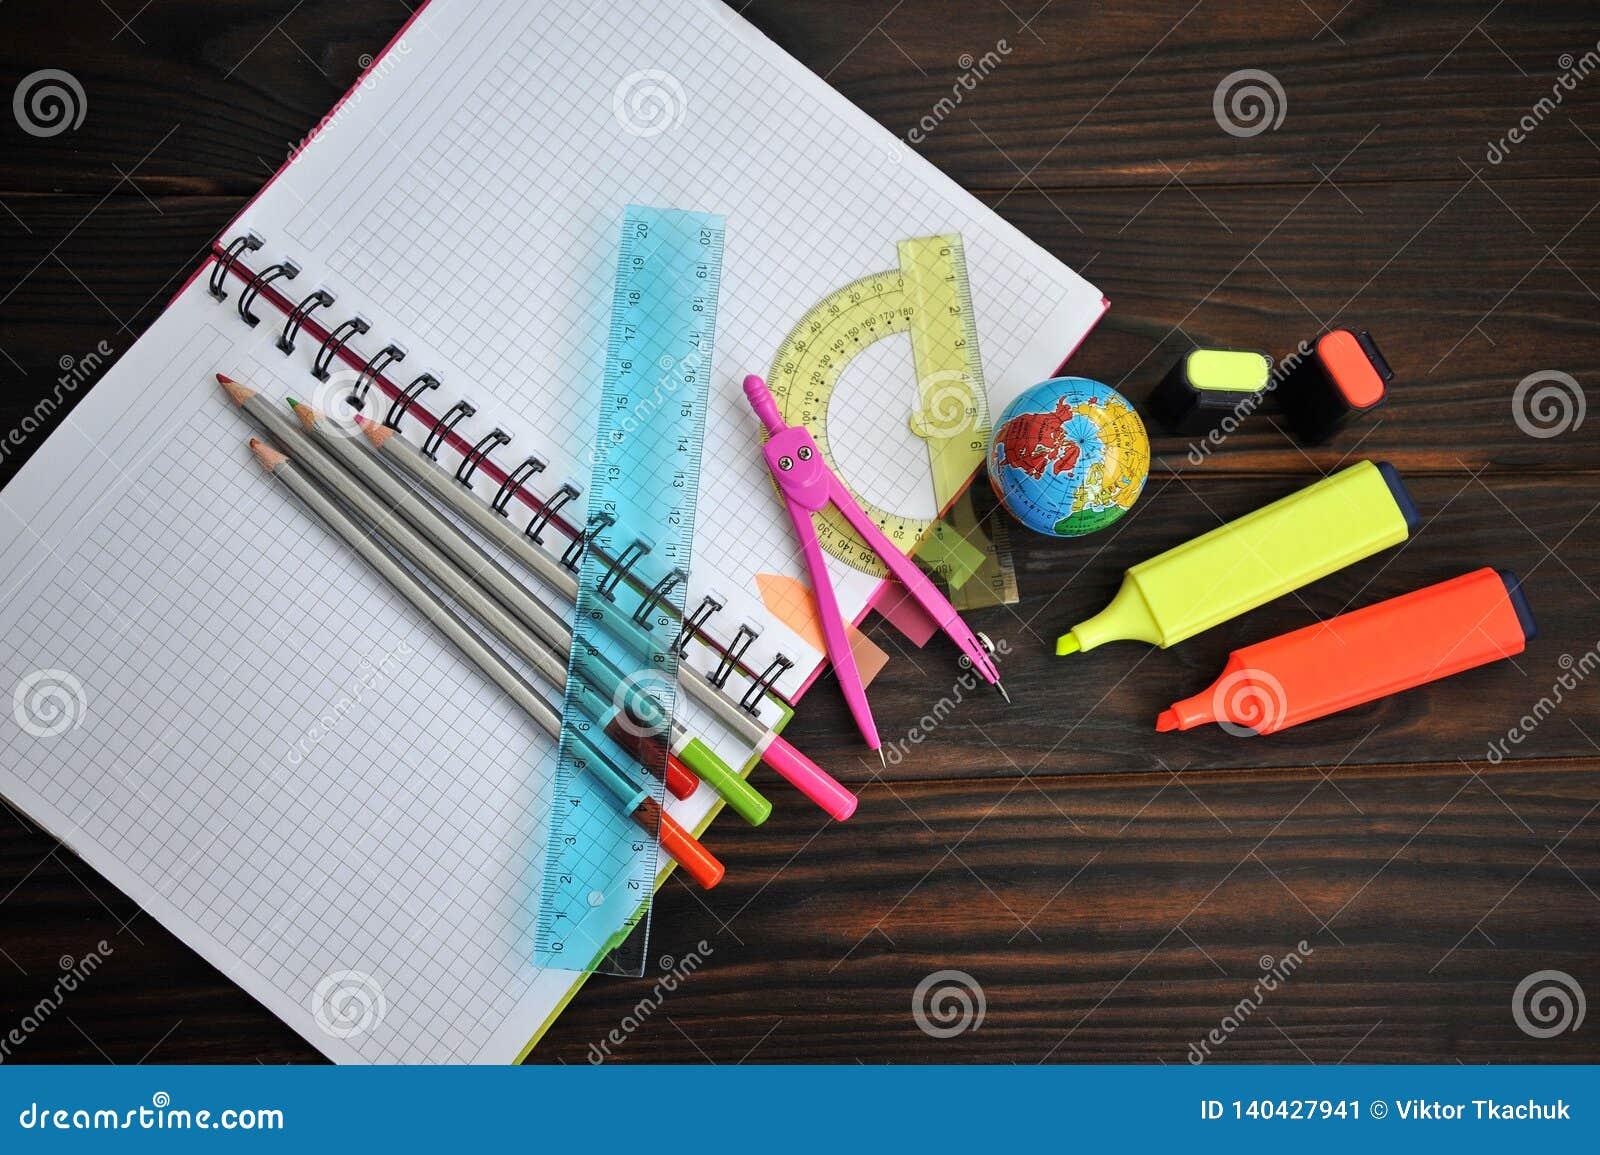 Materiały rozpraszał na notatnika lying on the beach na ciemnym drewnianym stole,